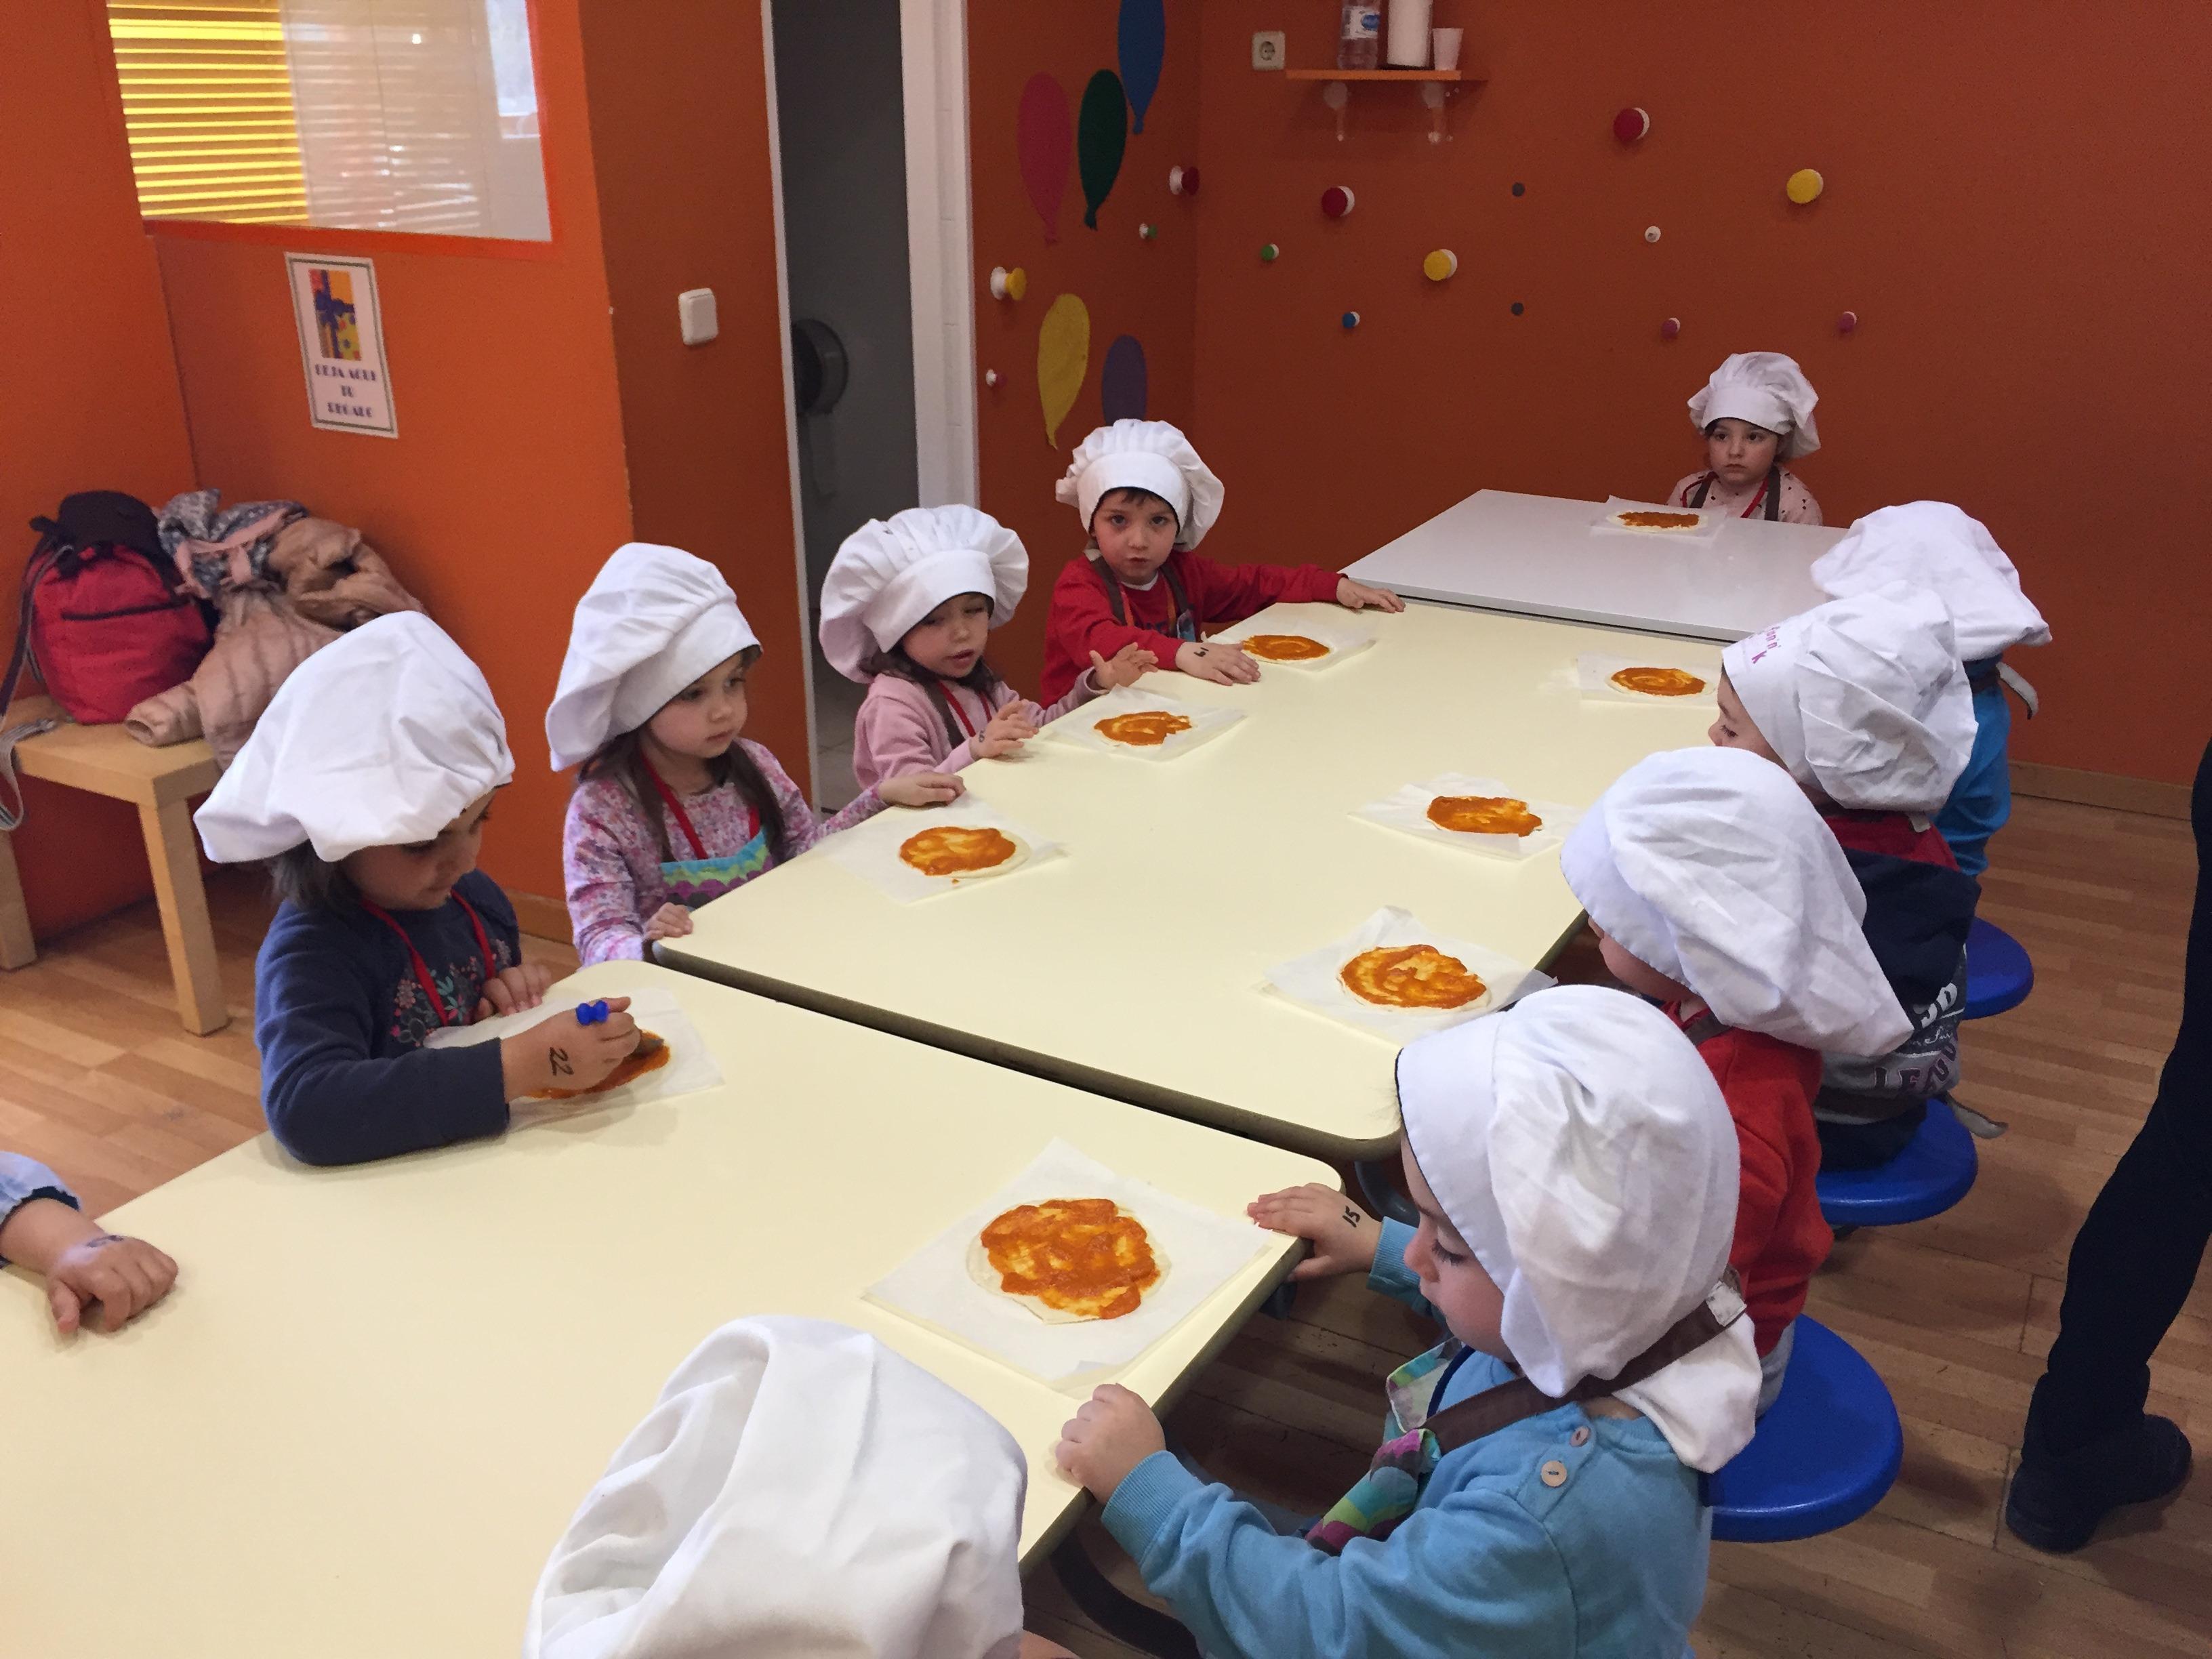 Excursión Escuela de cocina 4